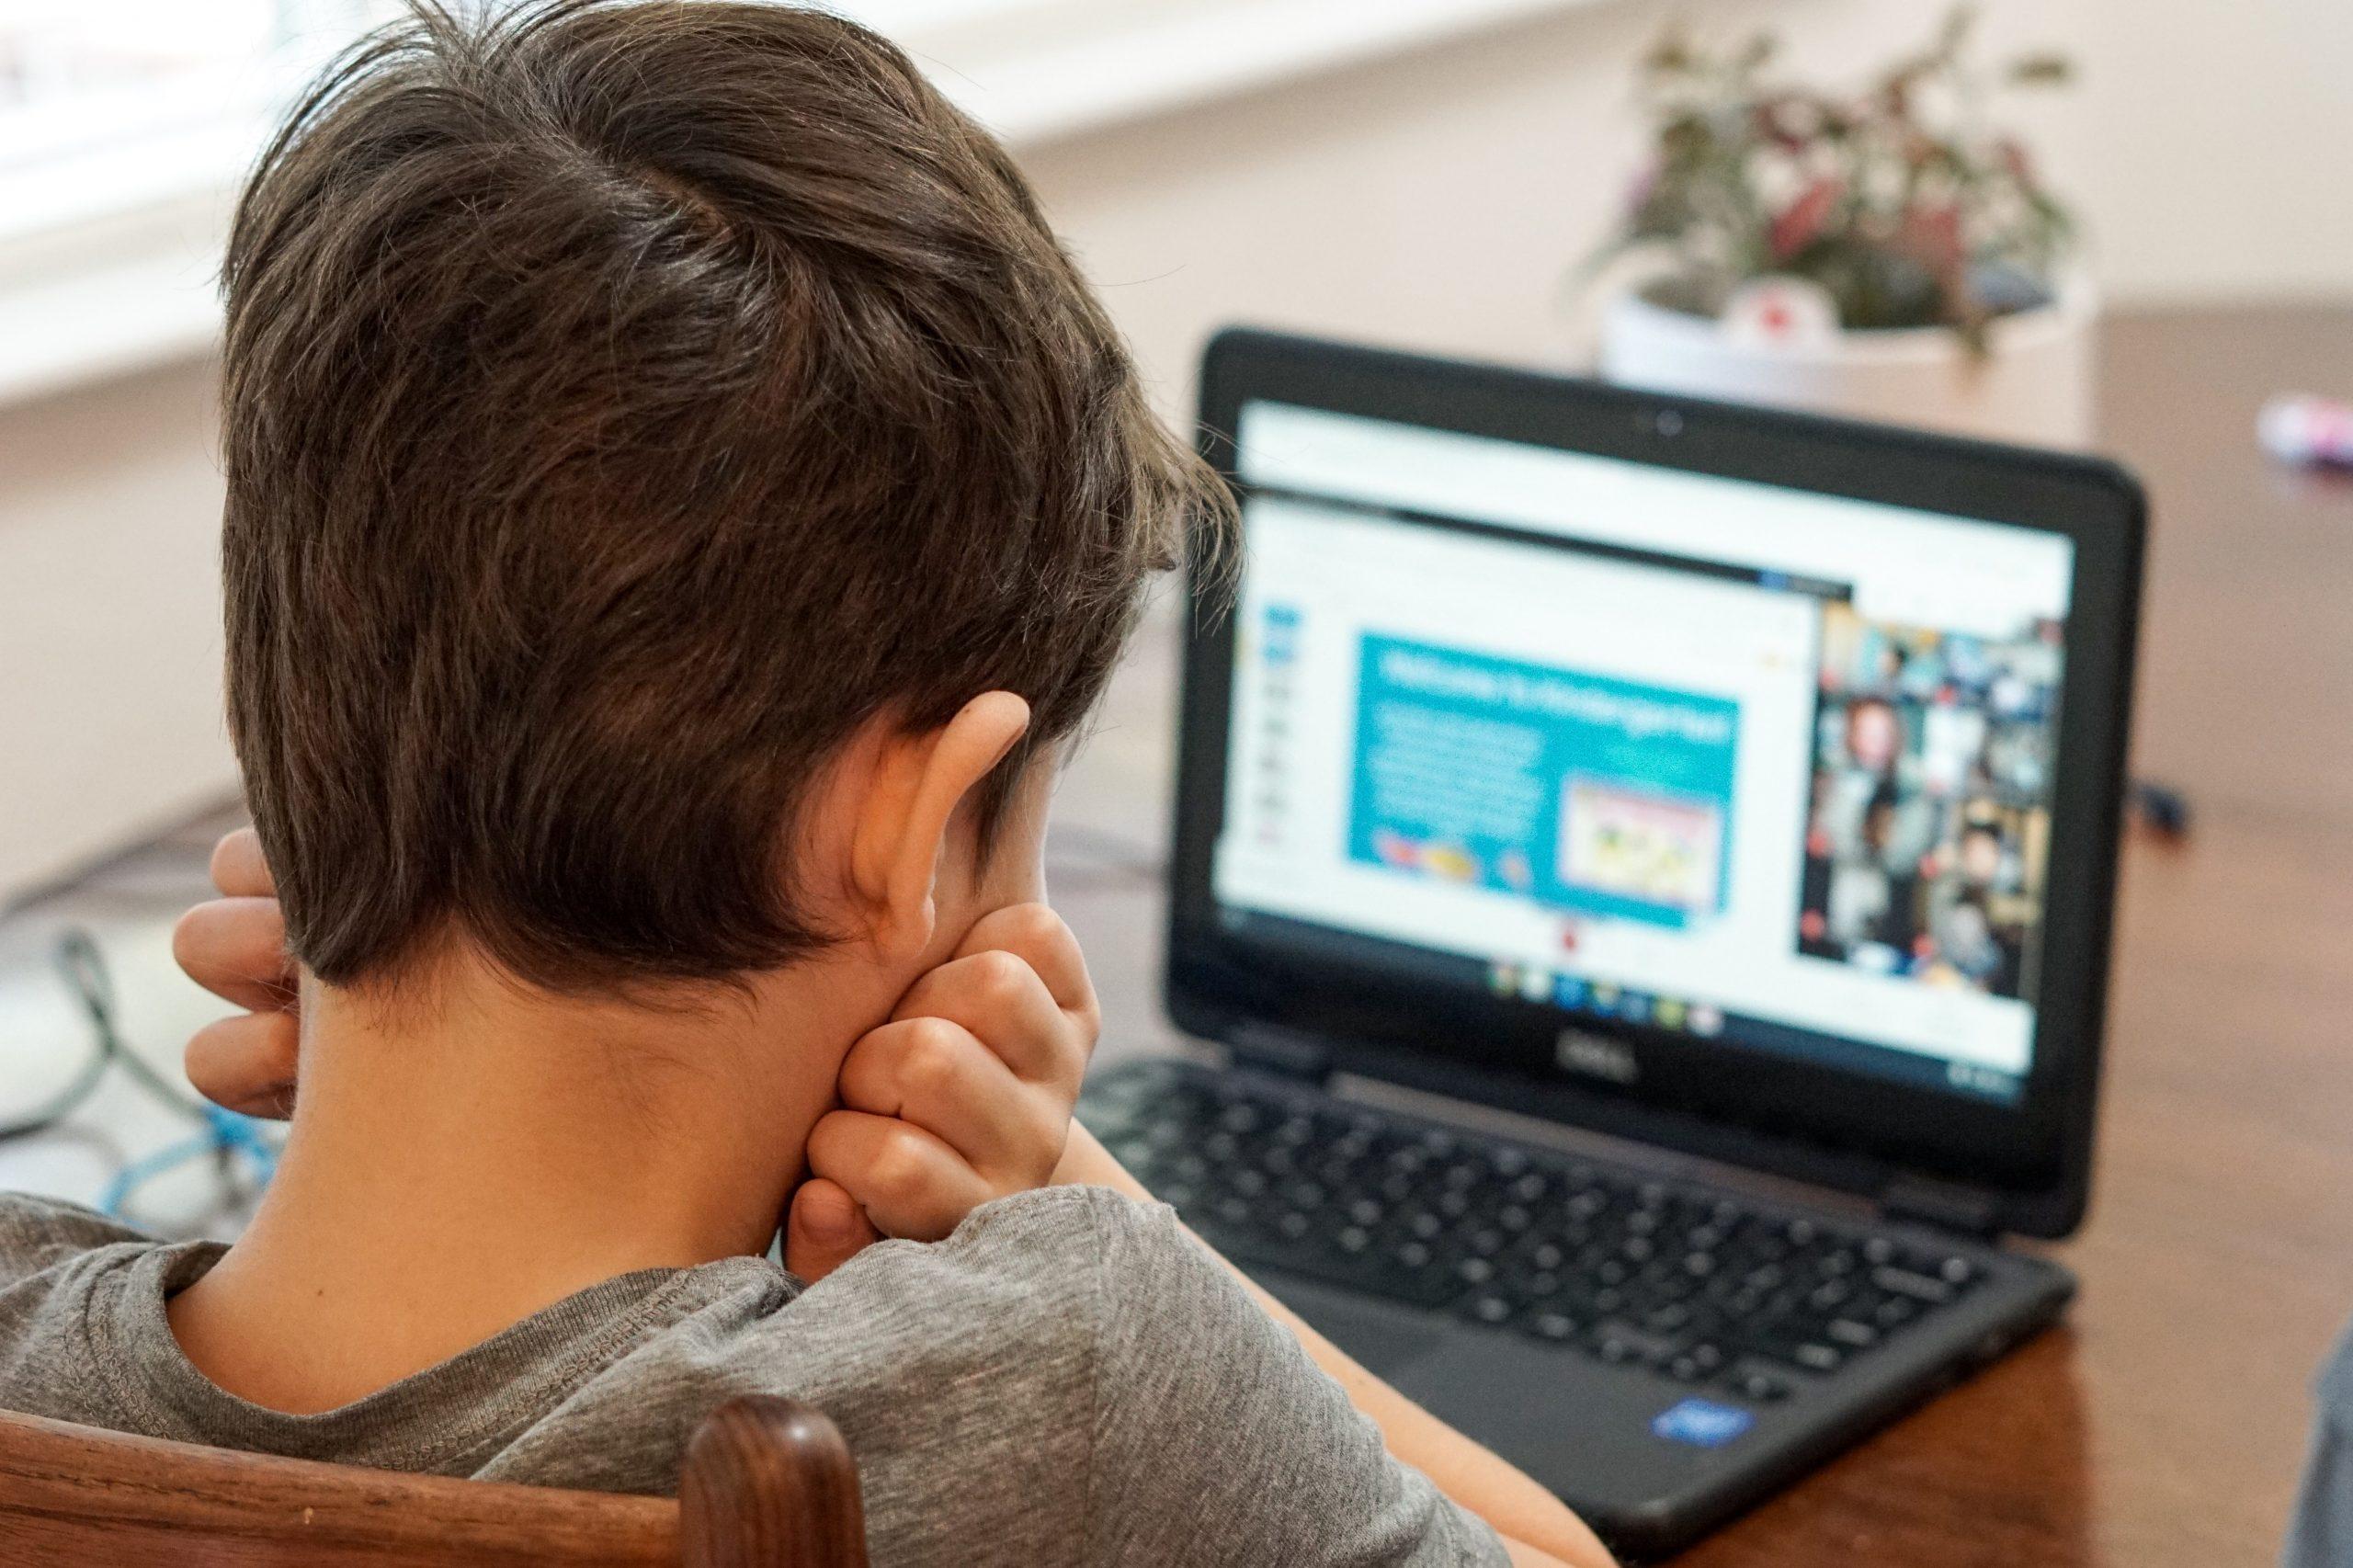 Asociațiile de părinți cer trecerea la școala online la incidență de 6 la mie. Scrisoare trimisă către miniștrii Educației și Sănătății